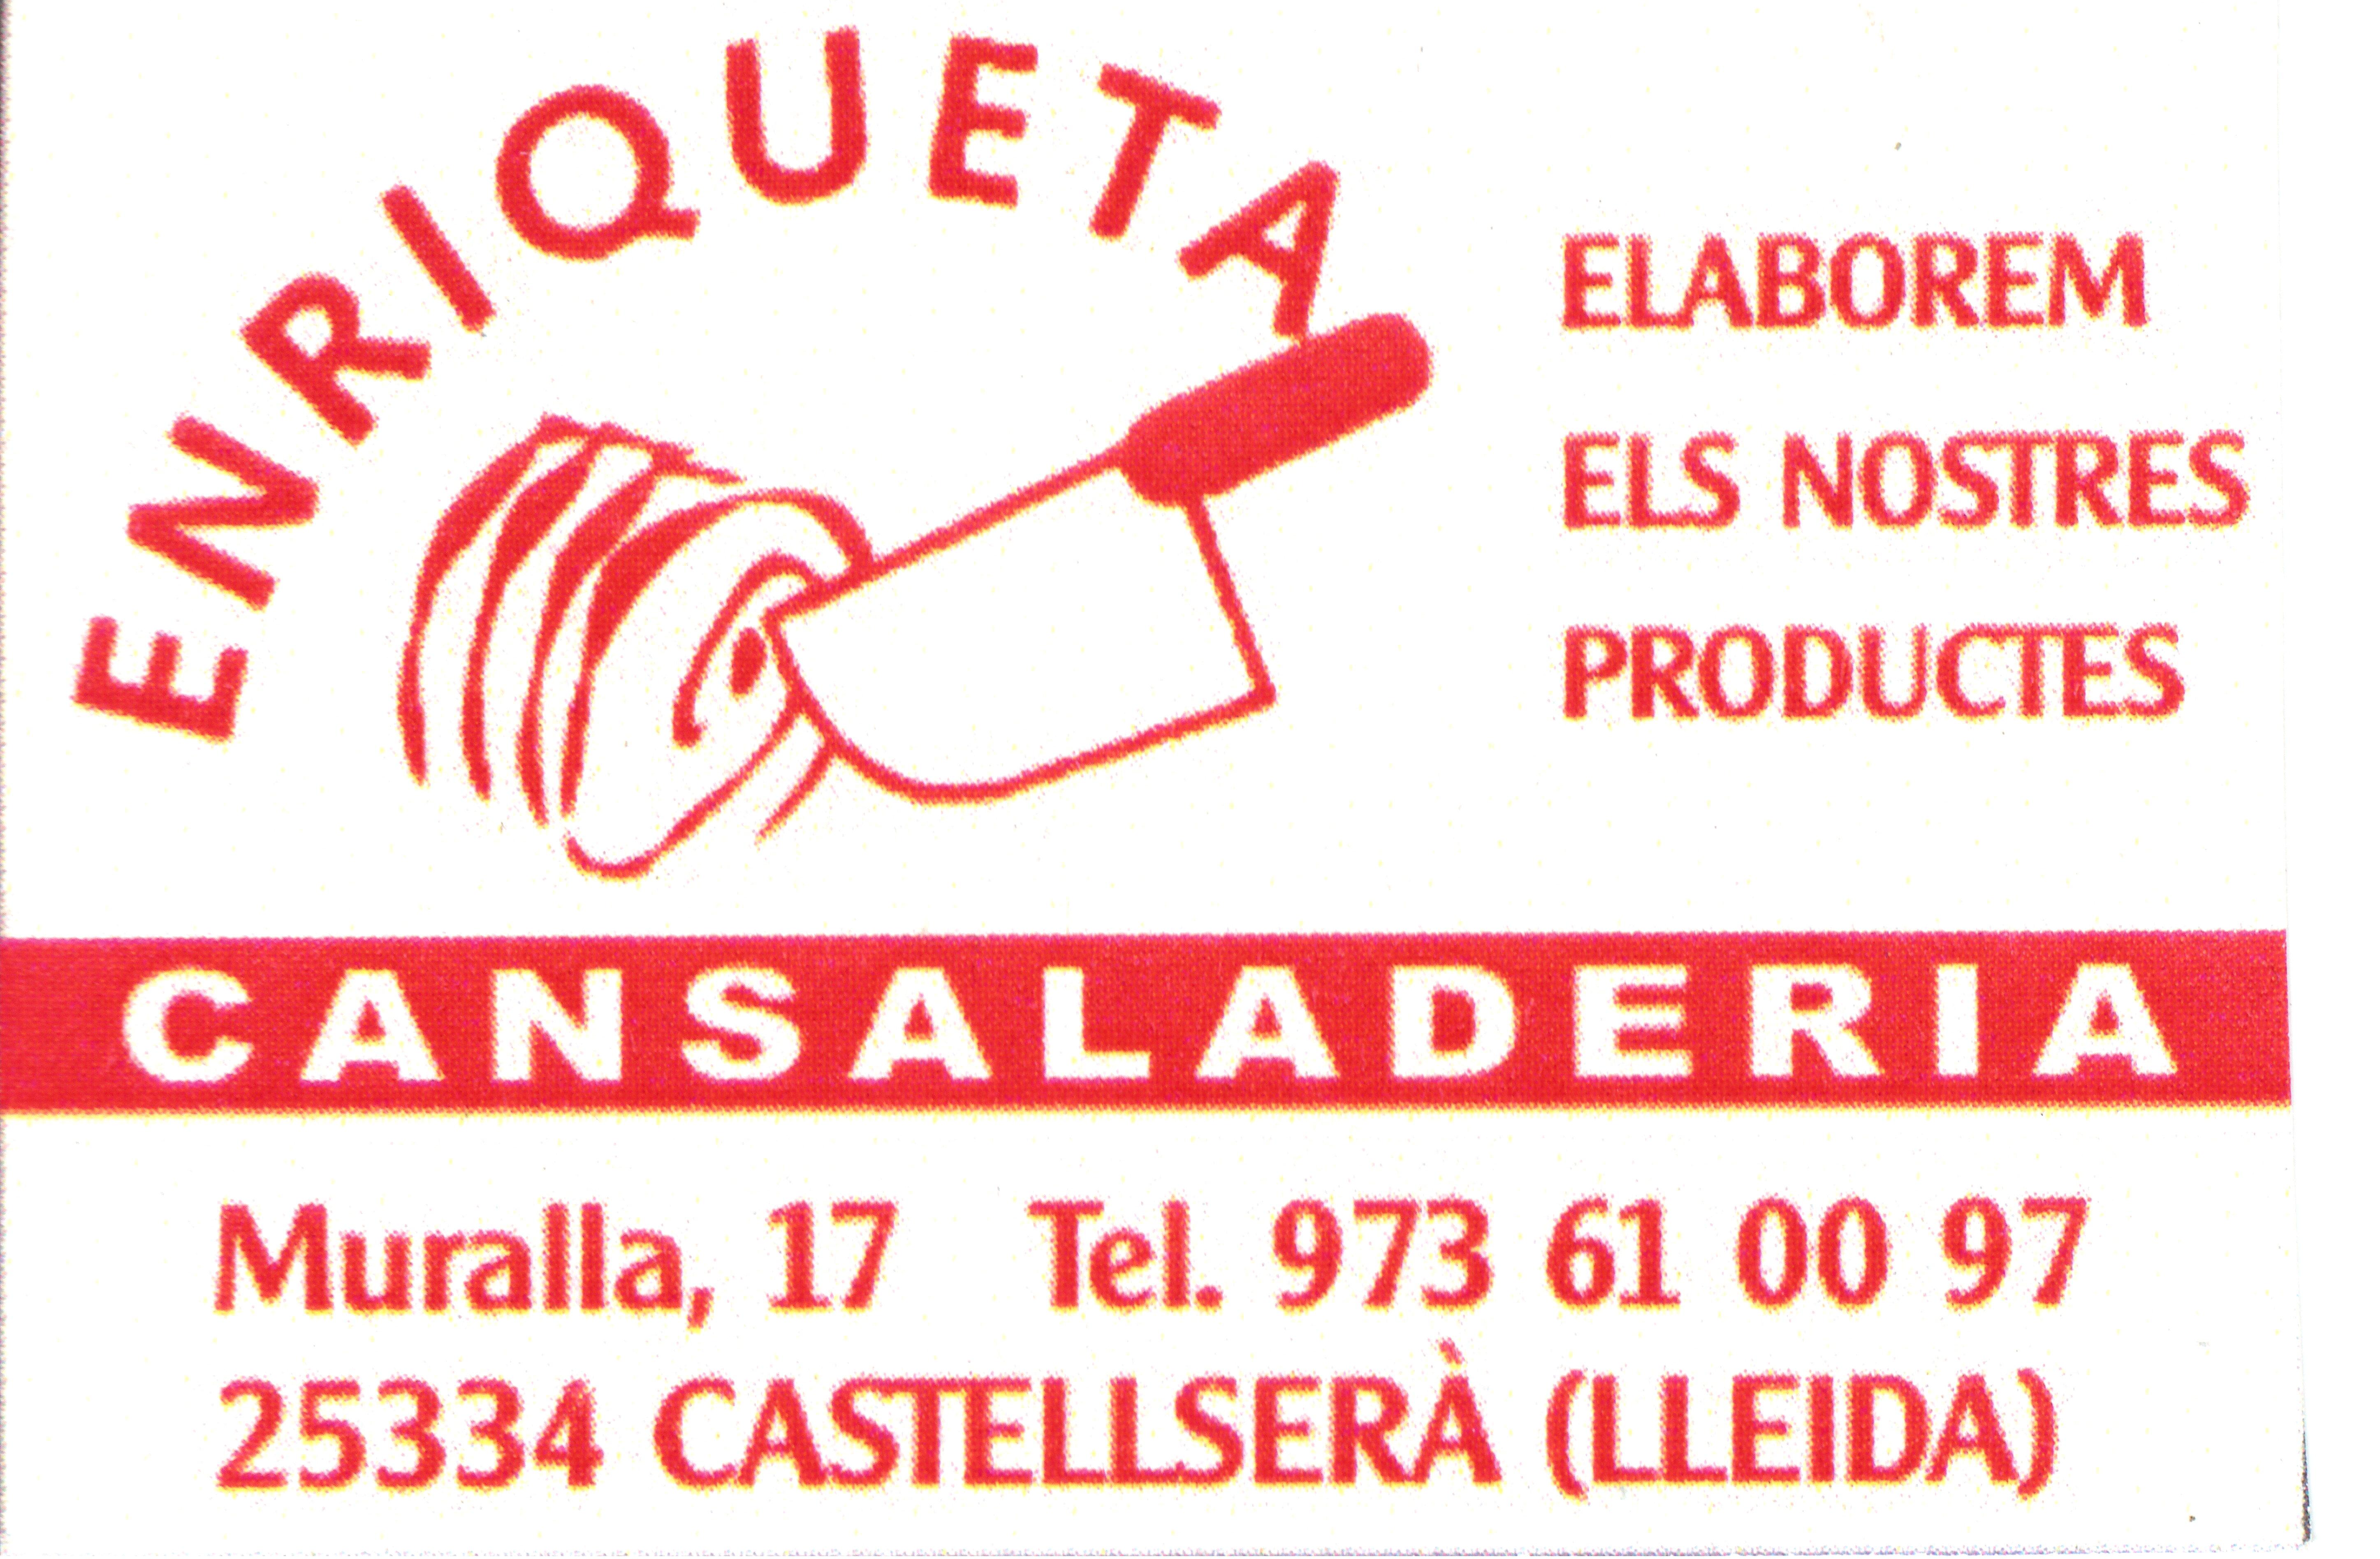 Cansaladeria Enriqueta